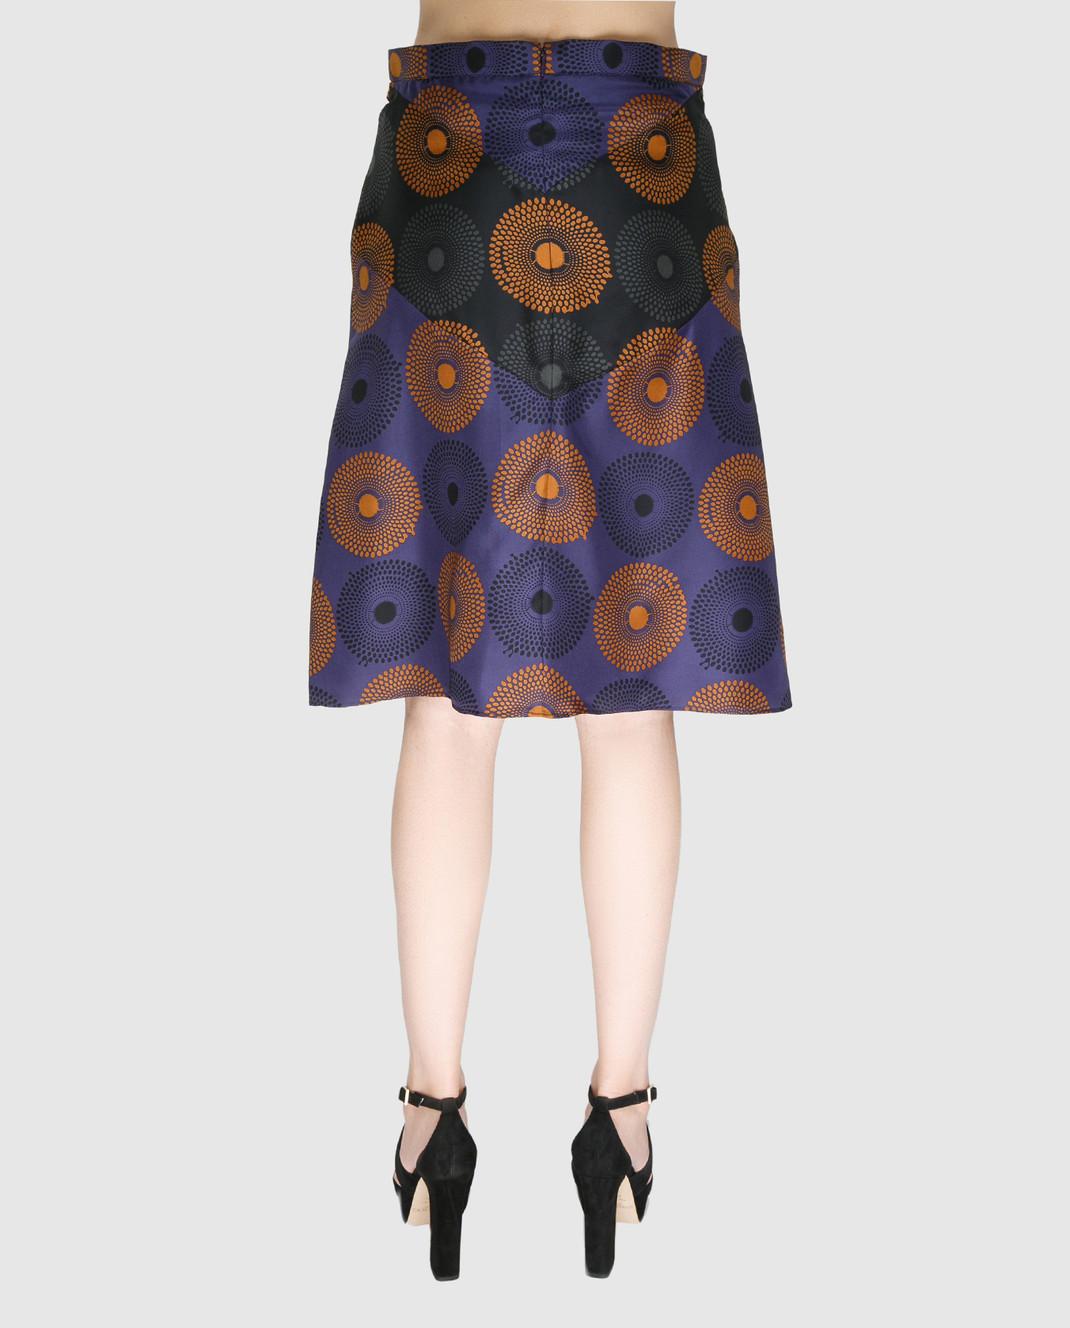 NINA RICCI Синяя юбка из шелка 17PCJU008SE1249 изображение 4